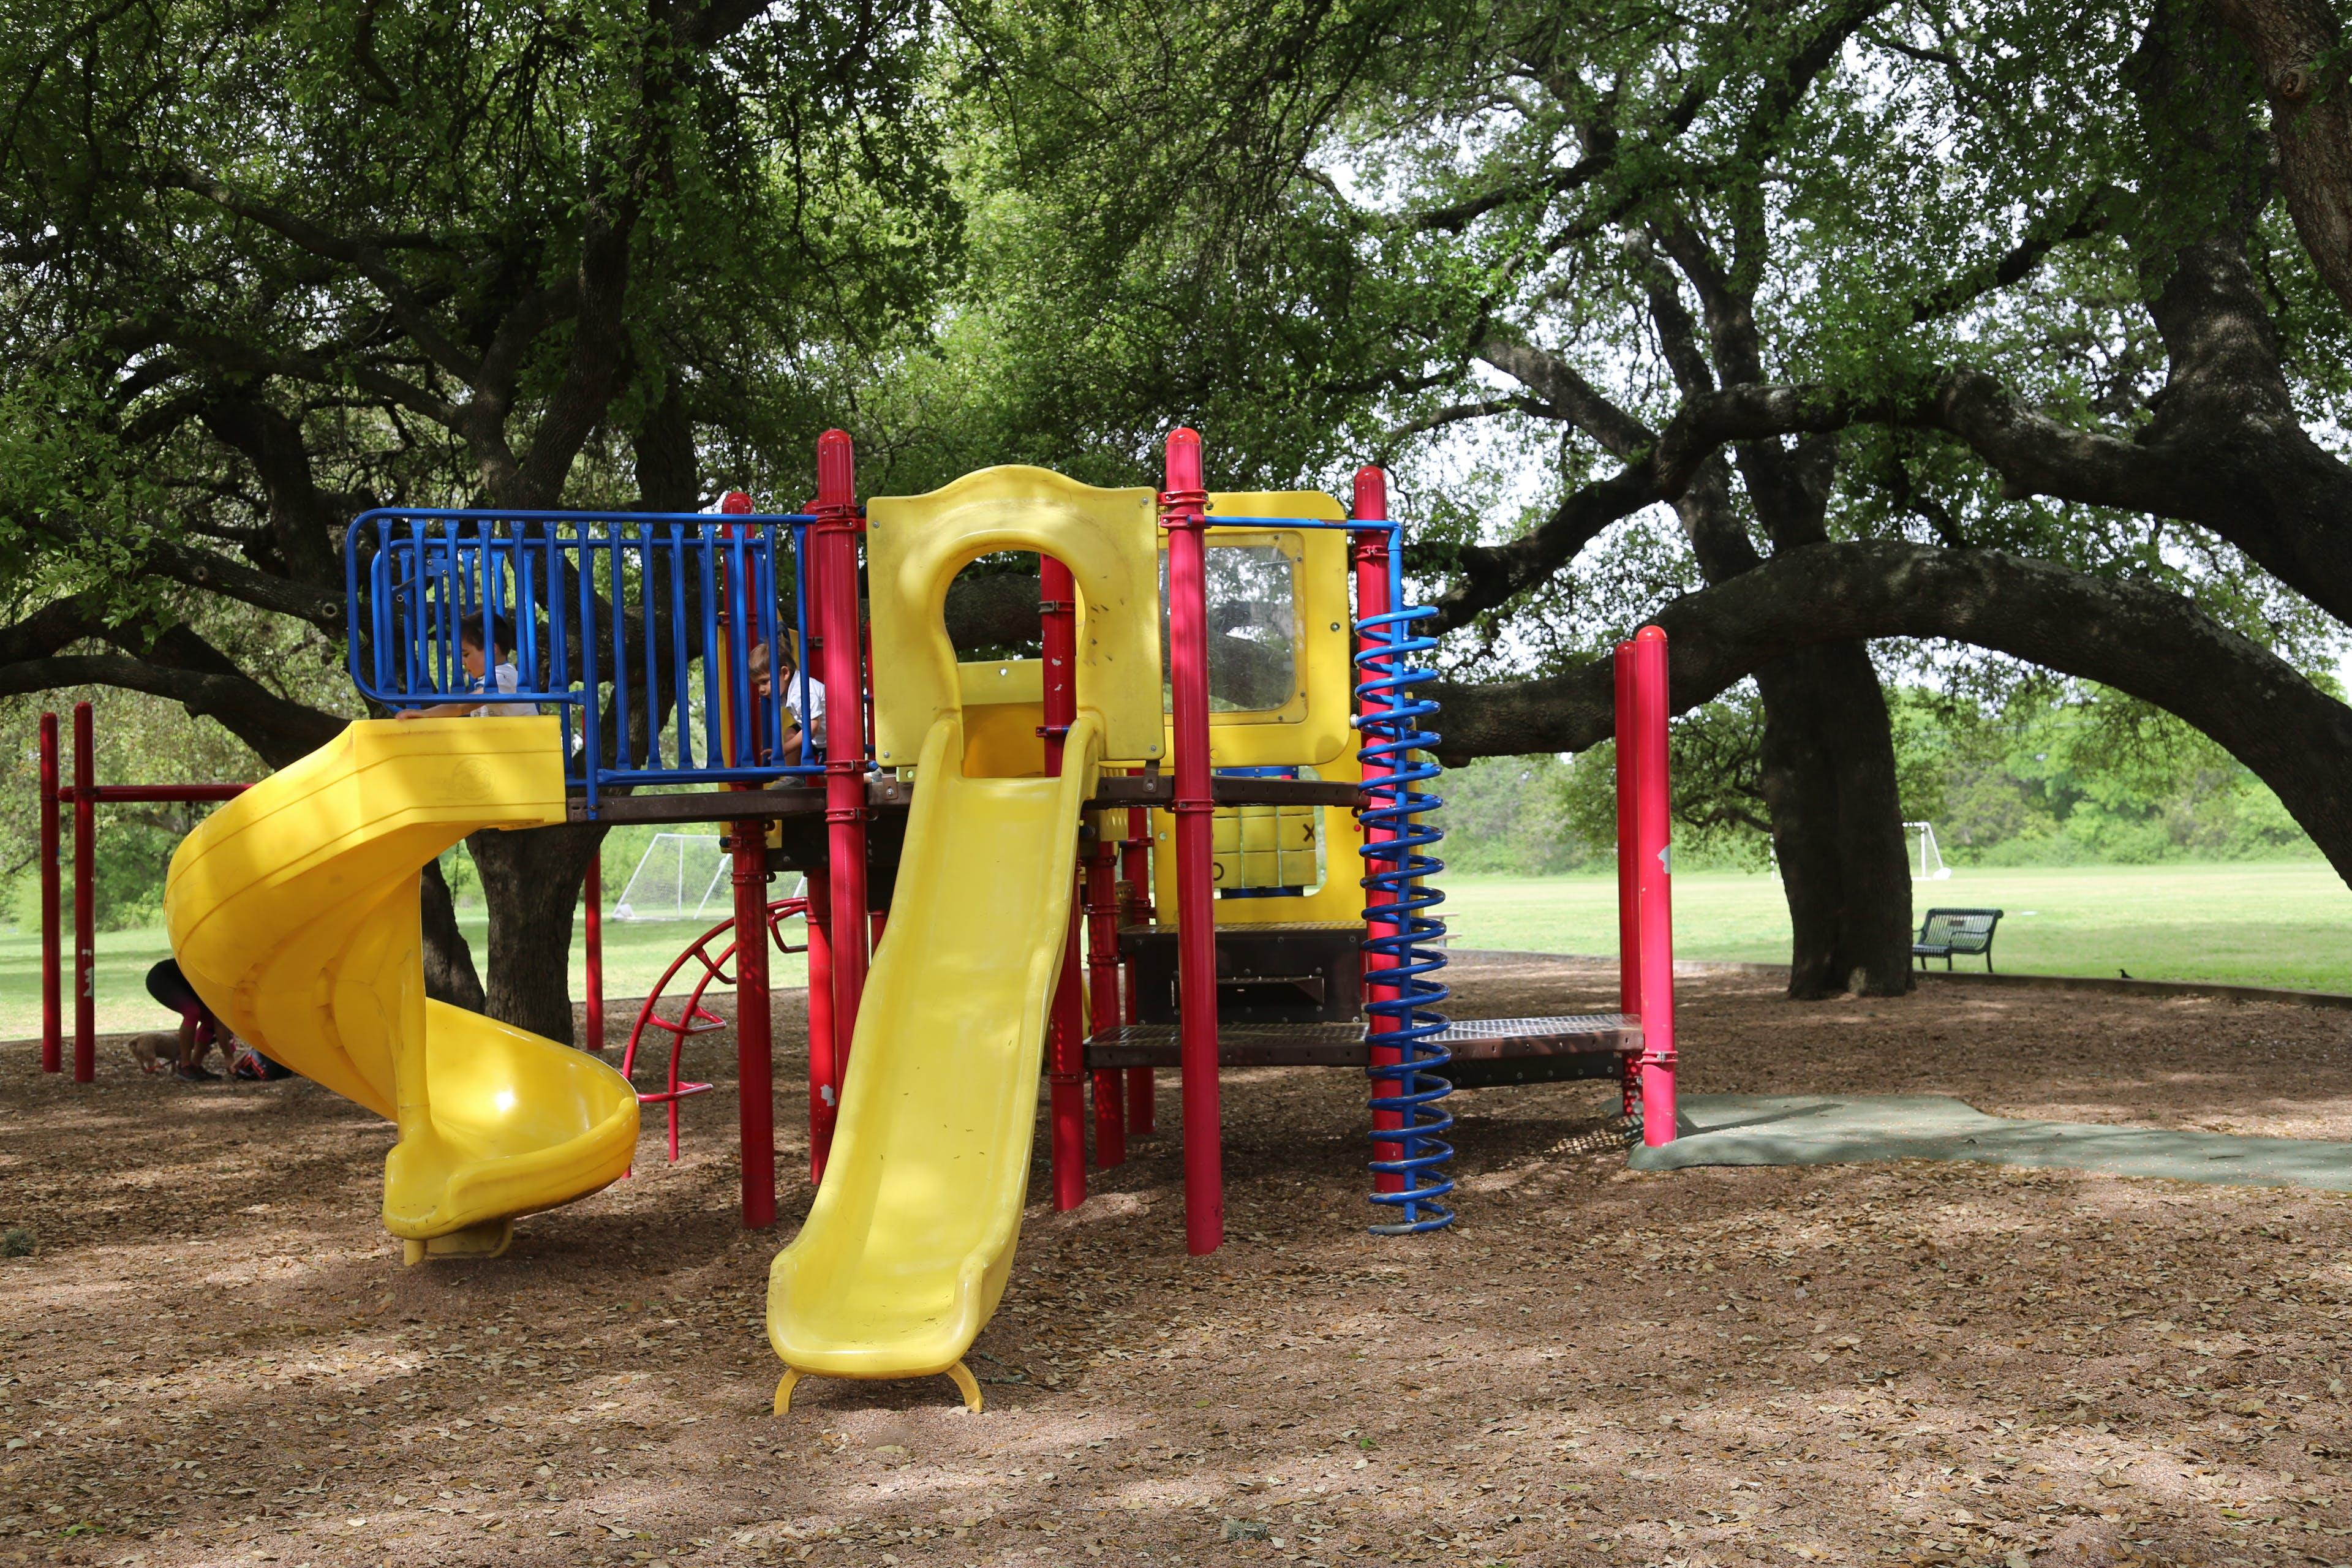 5-12 playground